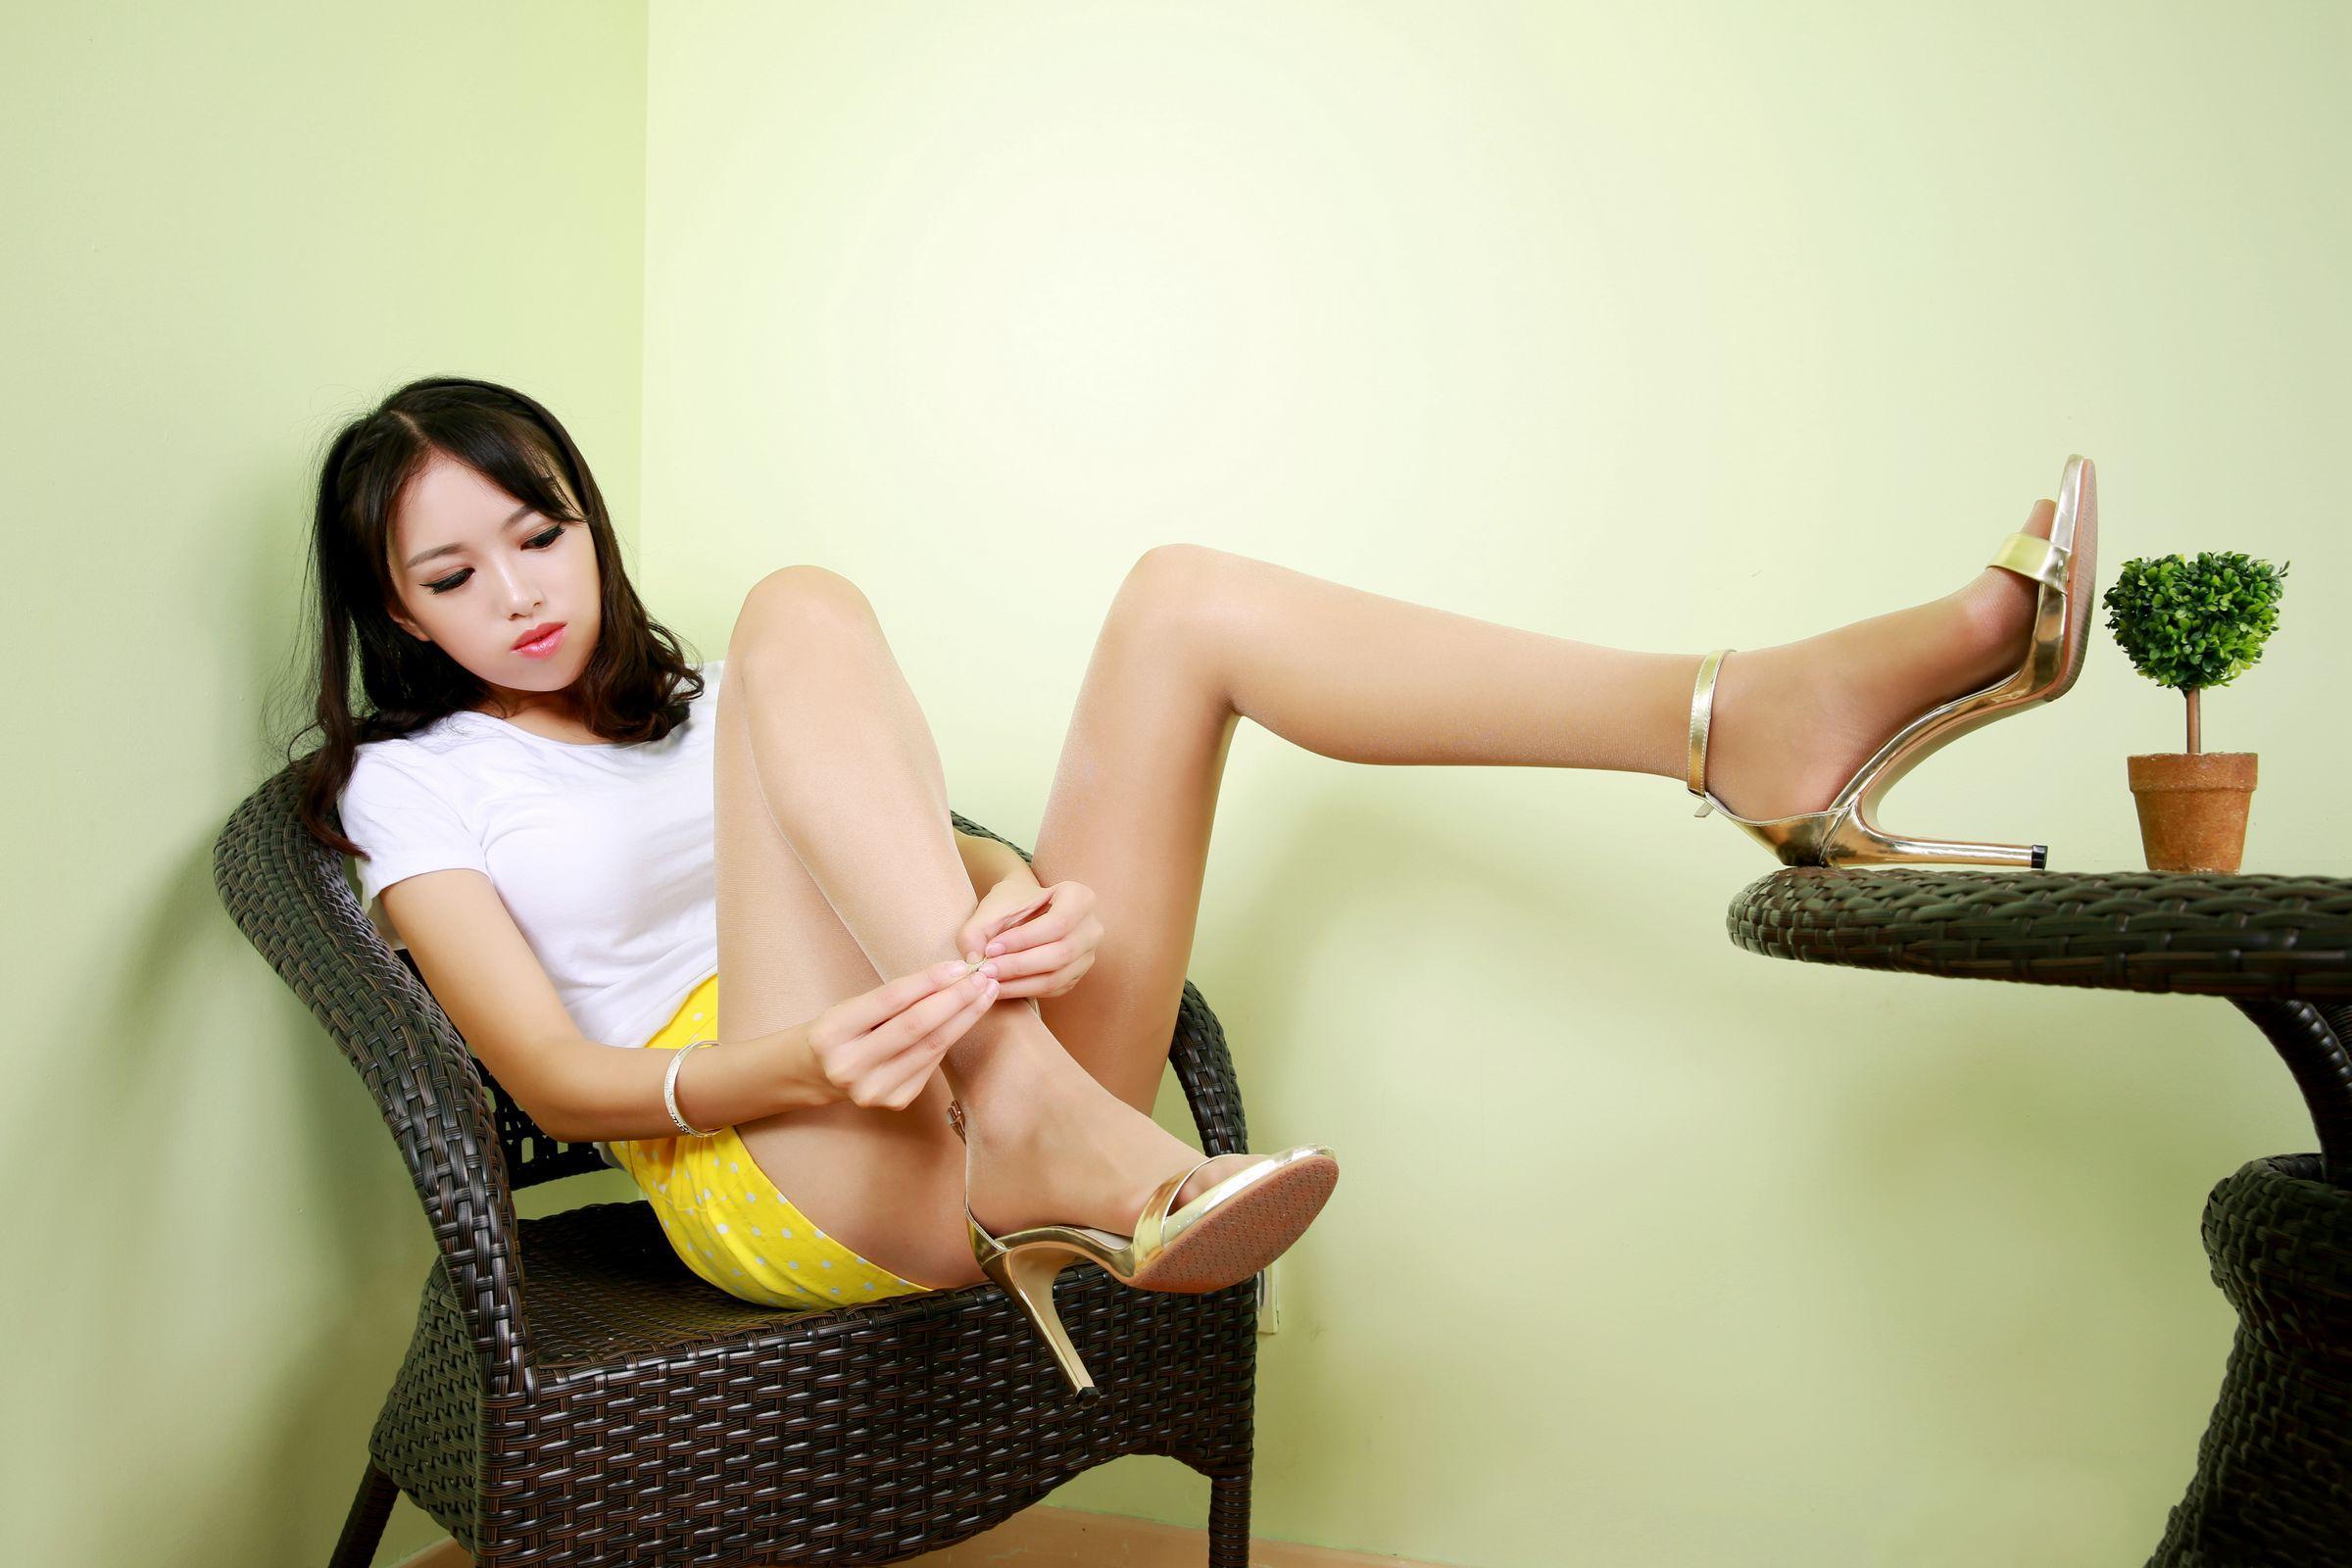 漂亮衣模美腿秀60 - 花開有聲 - 花開有聲